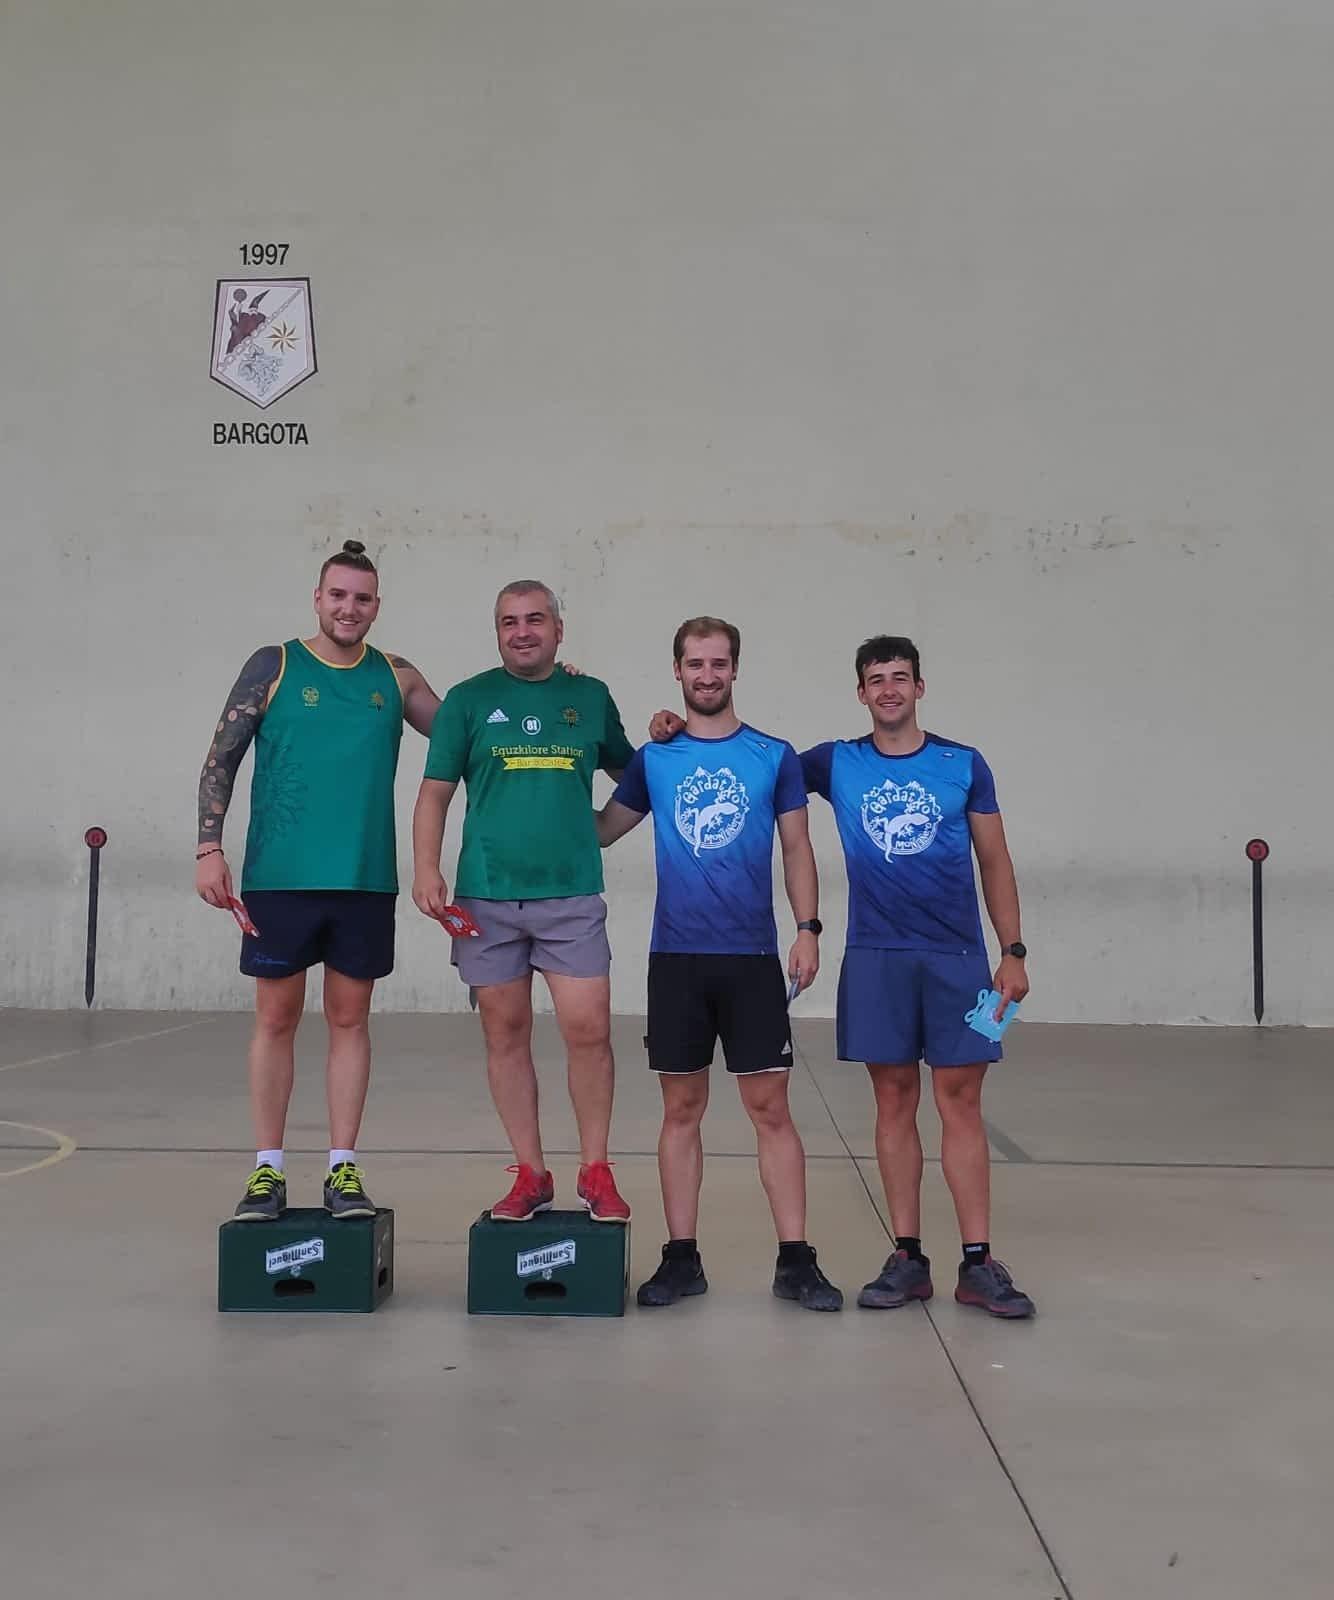 Lauzuriaga y Galán, ganadores en el campeonato de frontenis de Bargota